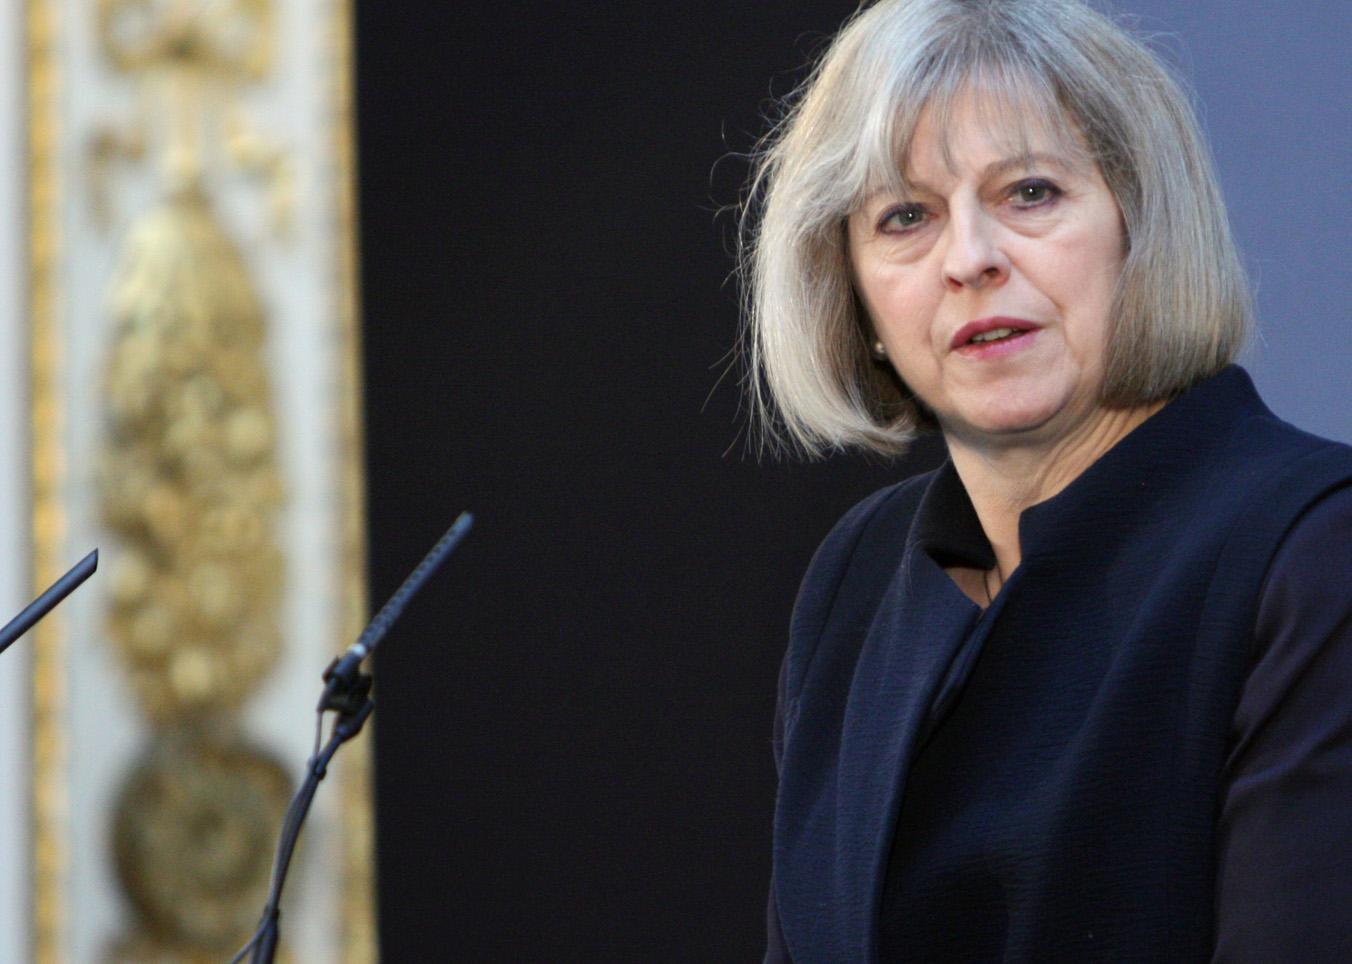 Британский премьер Тереза Мэй прямо обвинила Москву в причастности к отравлению бывшего шпиона Сергея Скрипаля